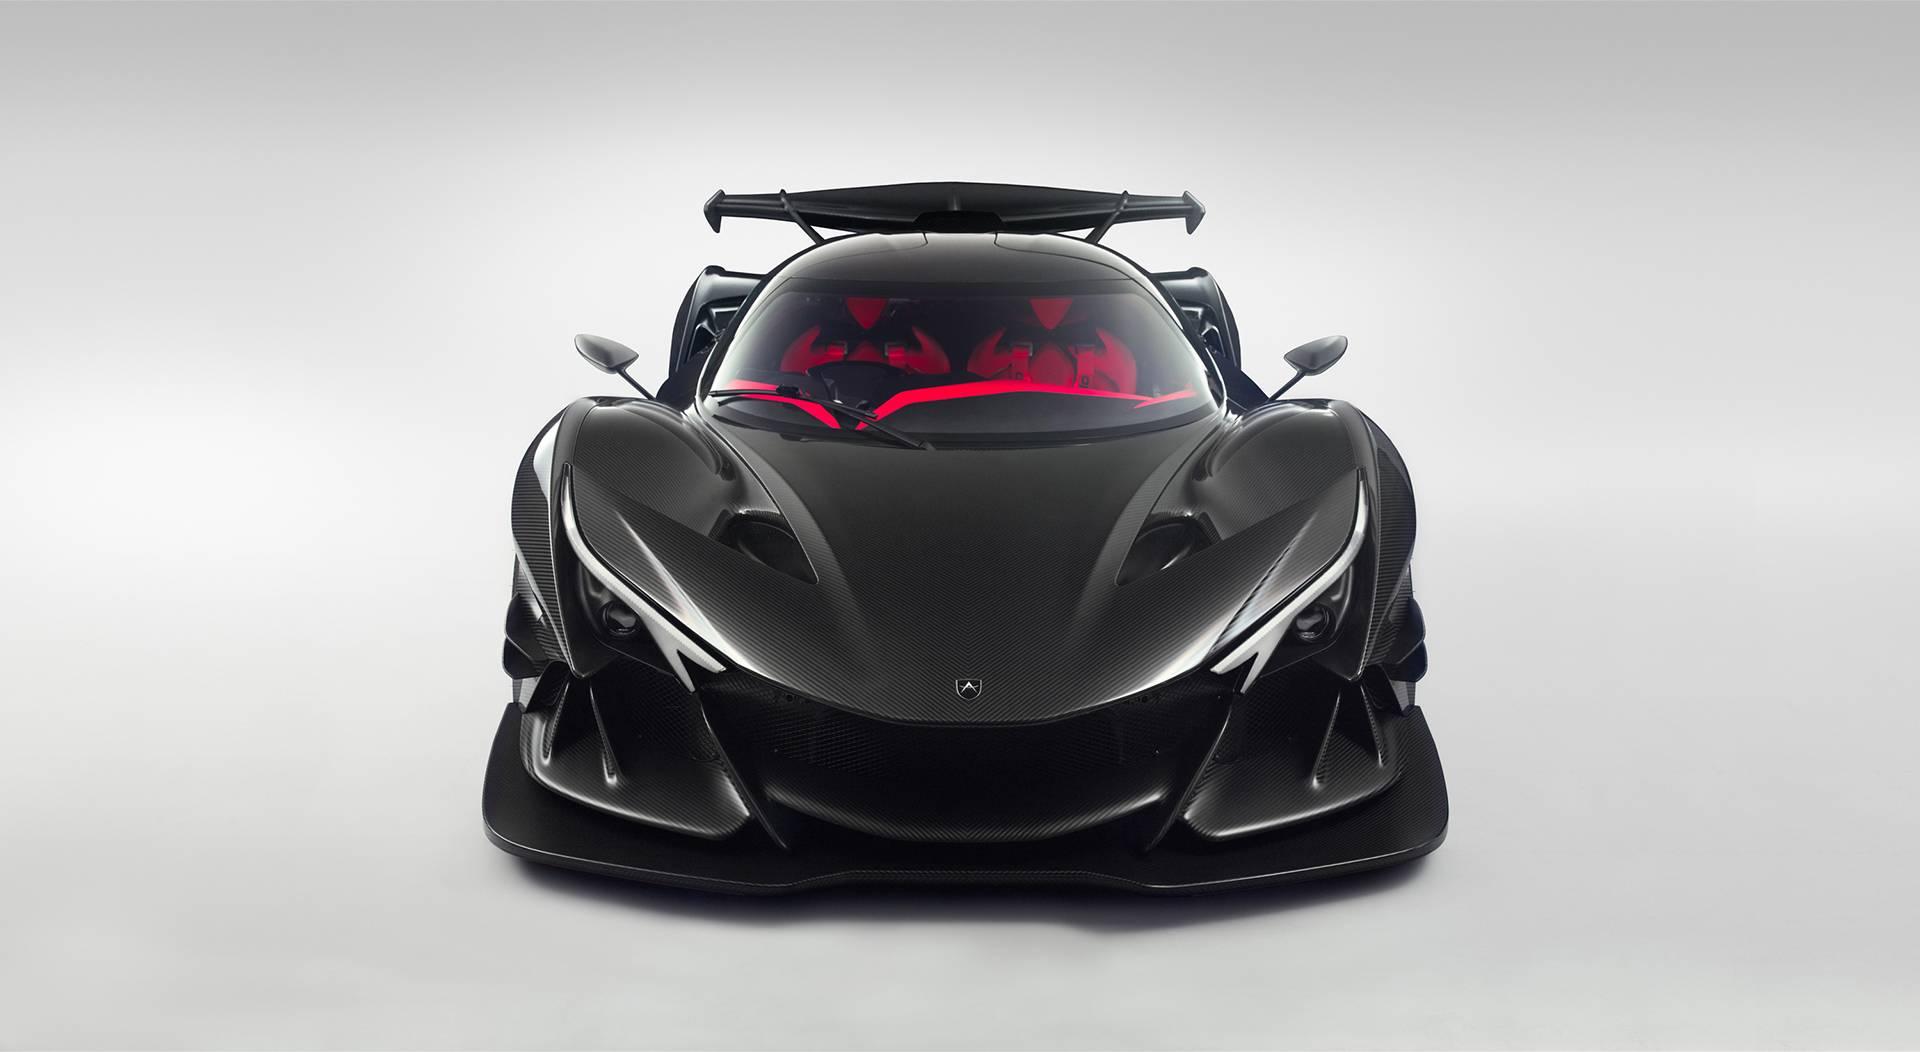 Разработанный с чистого листа, Apollo Intensa Emozione считается современной интерпретацией автомобилей GT1. Говорят, что это смесь GT3 с LMP со здоровой долей эмоций.